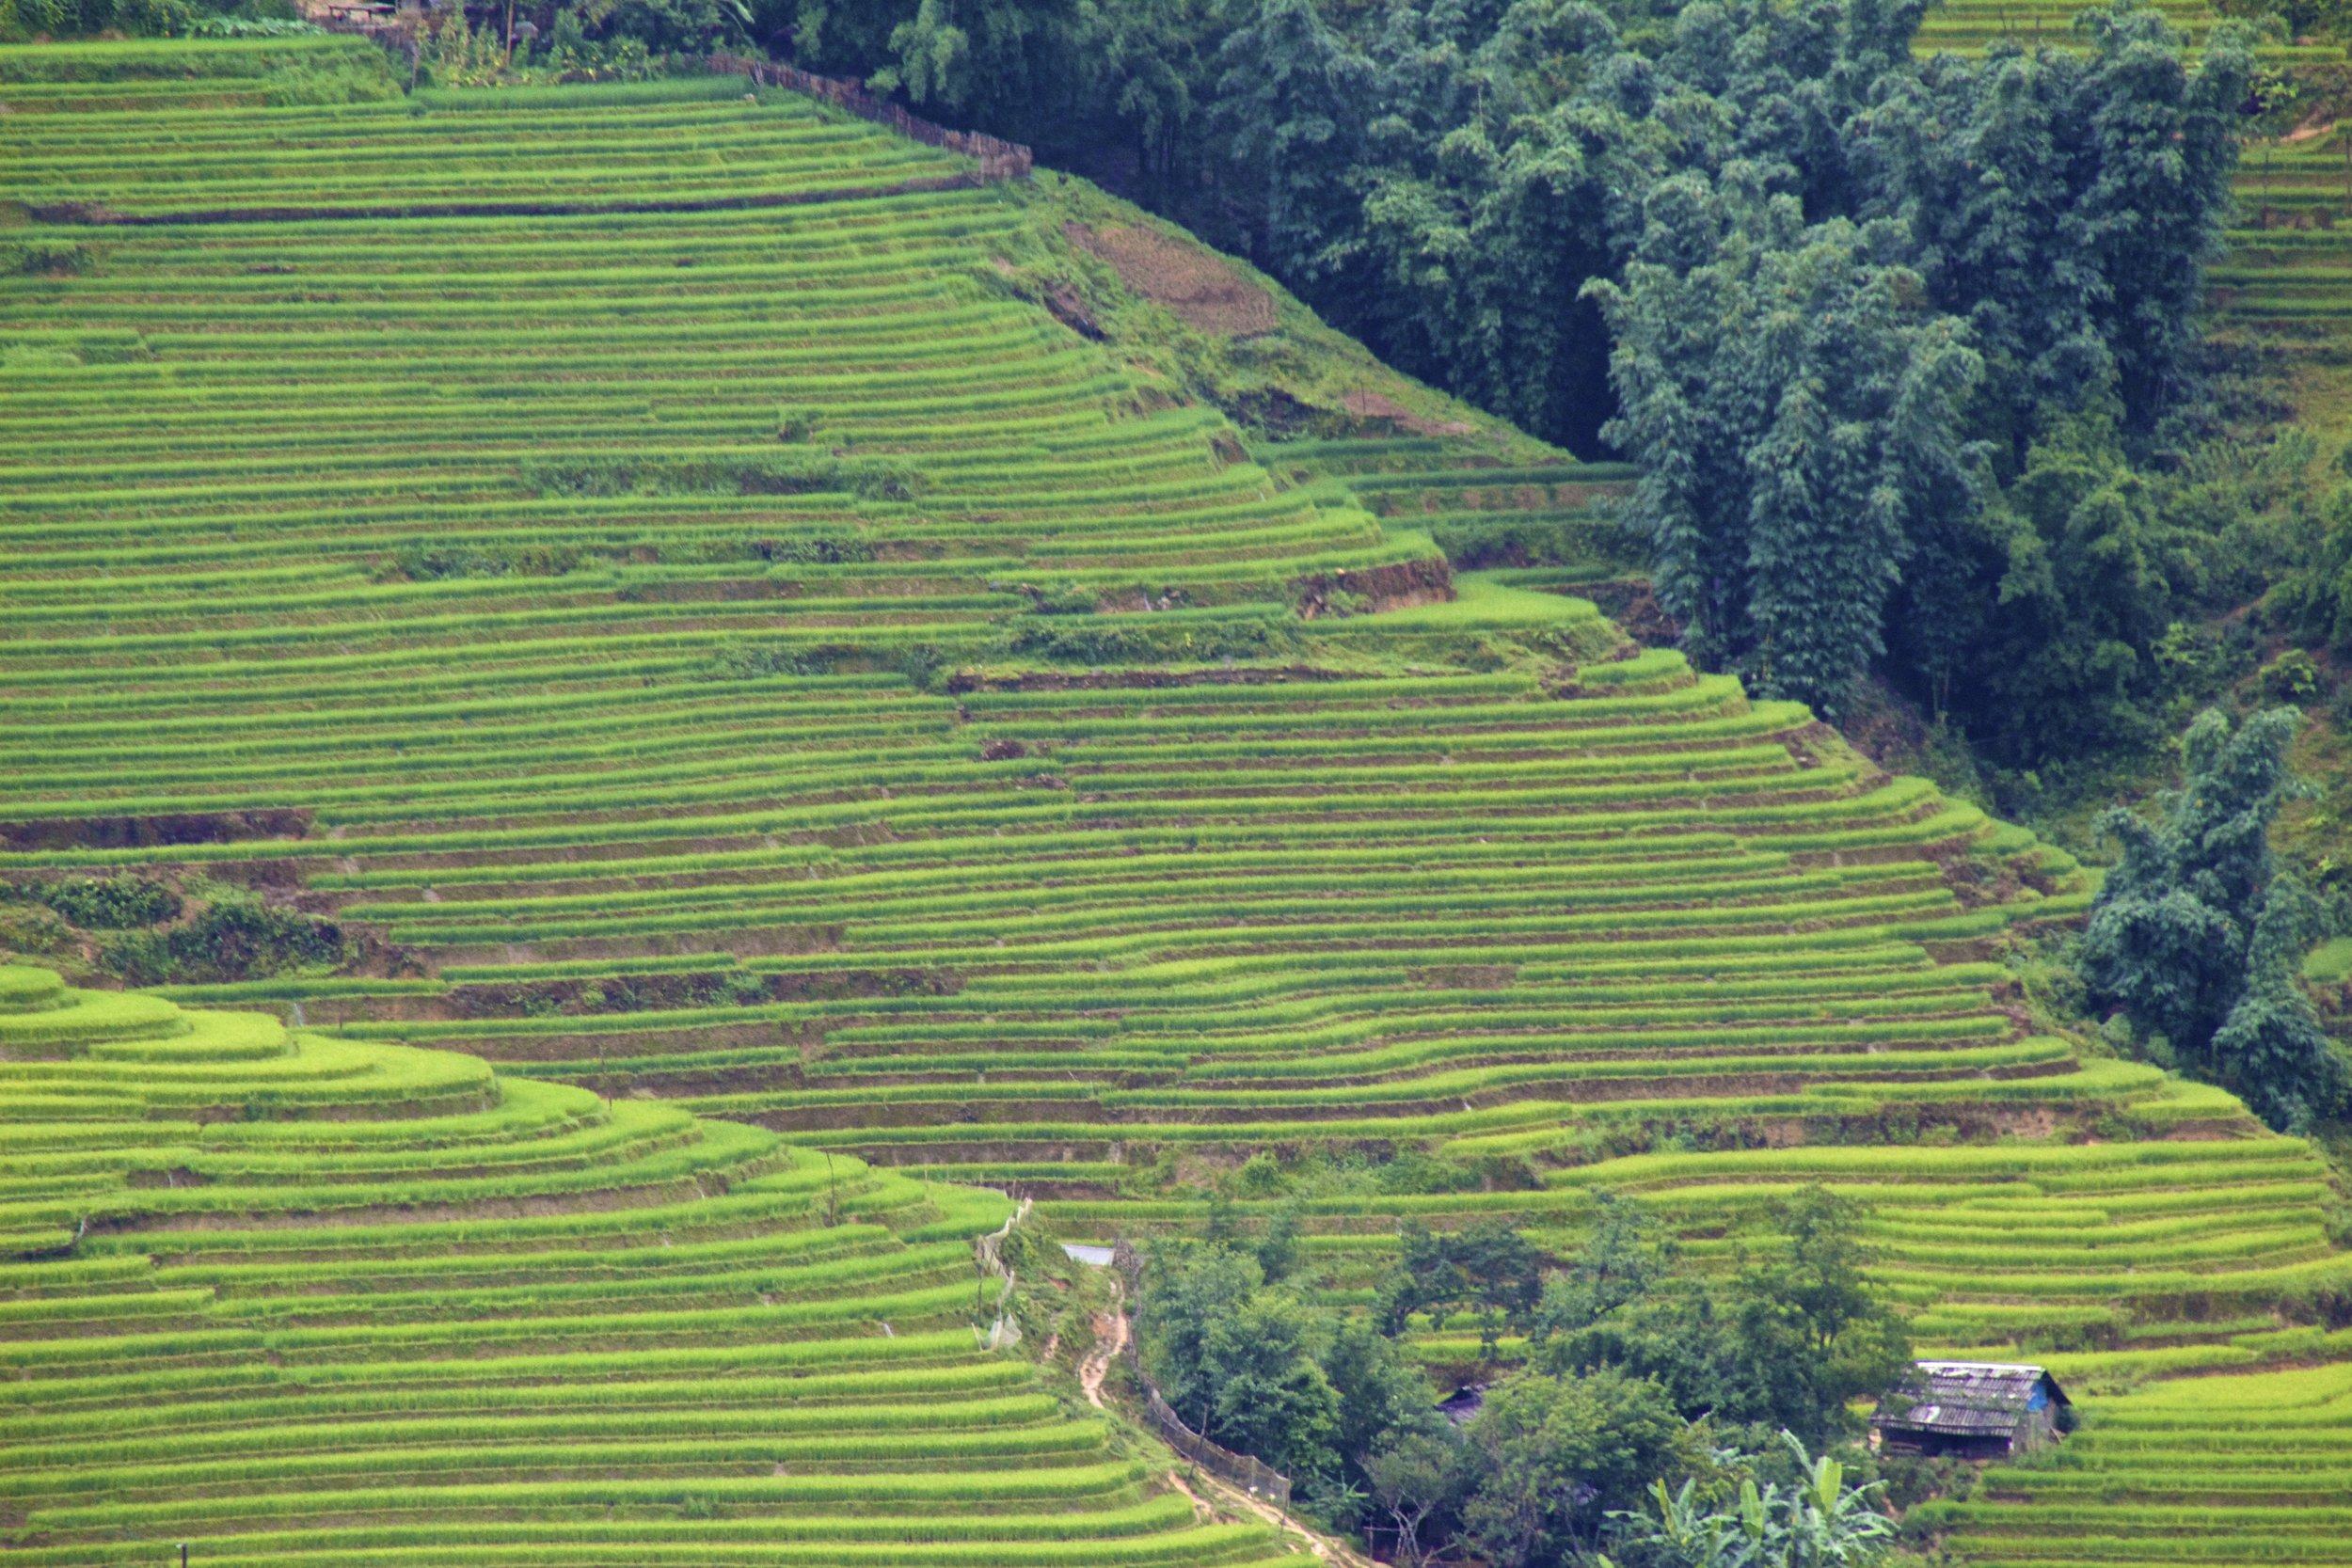 sa pa lao cai vietnam rice paddies 14.jpg